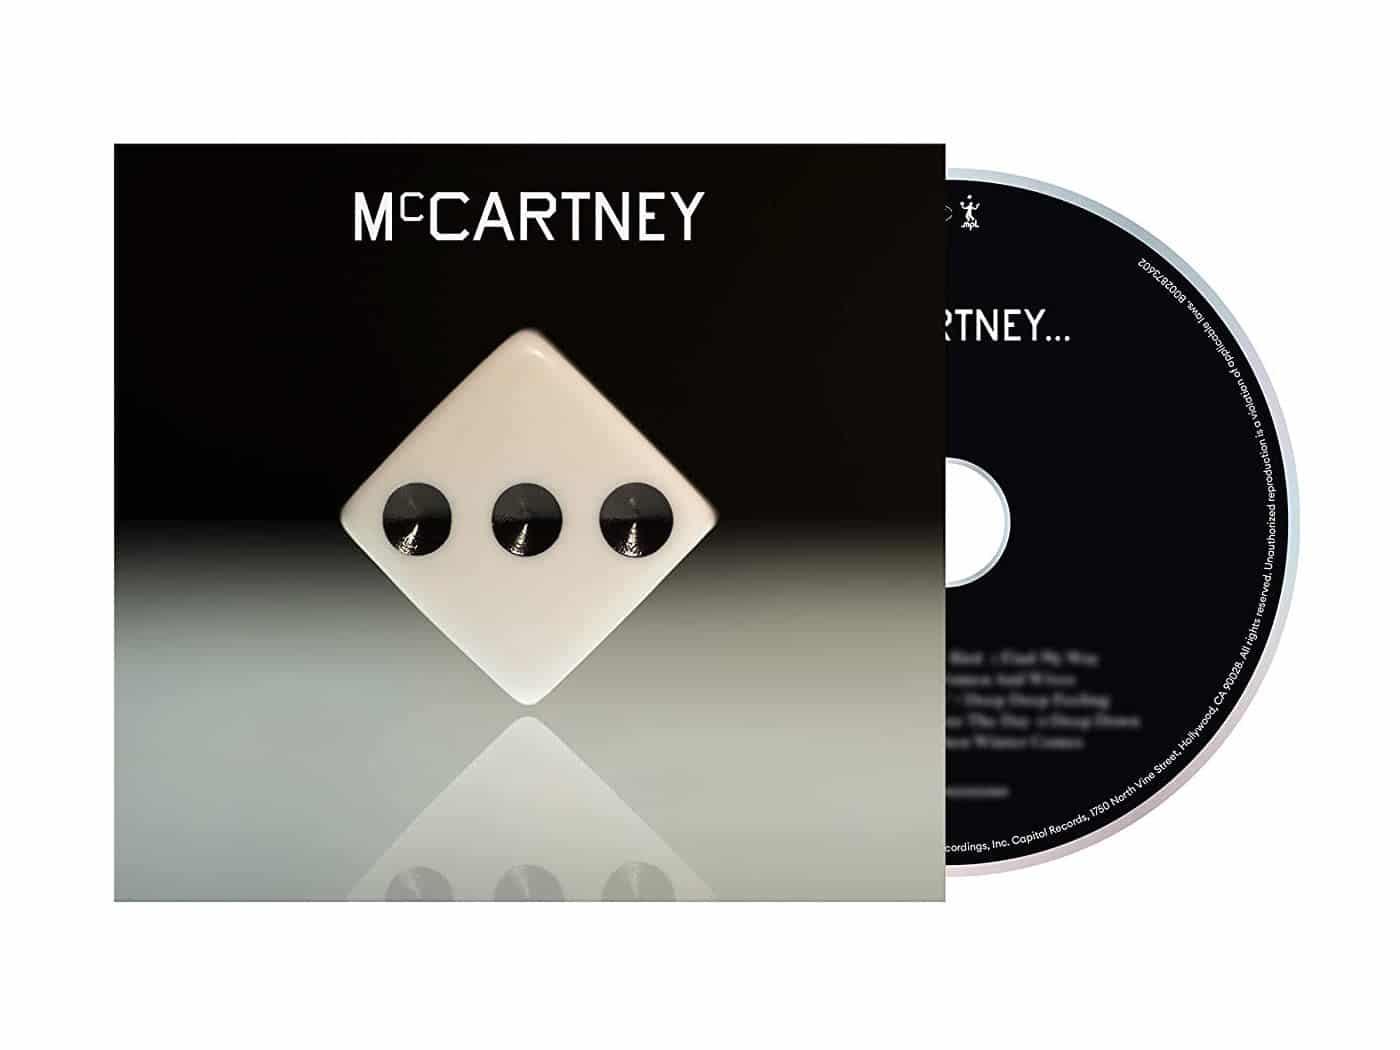 Regalos para Beatles fans: CD Mc Cartney III -- El Blog de aleare.design